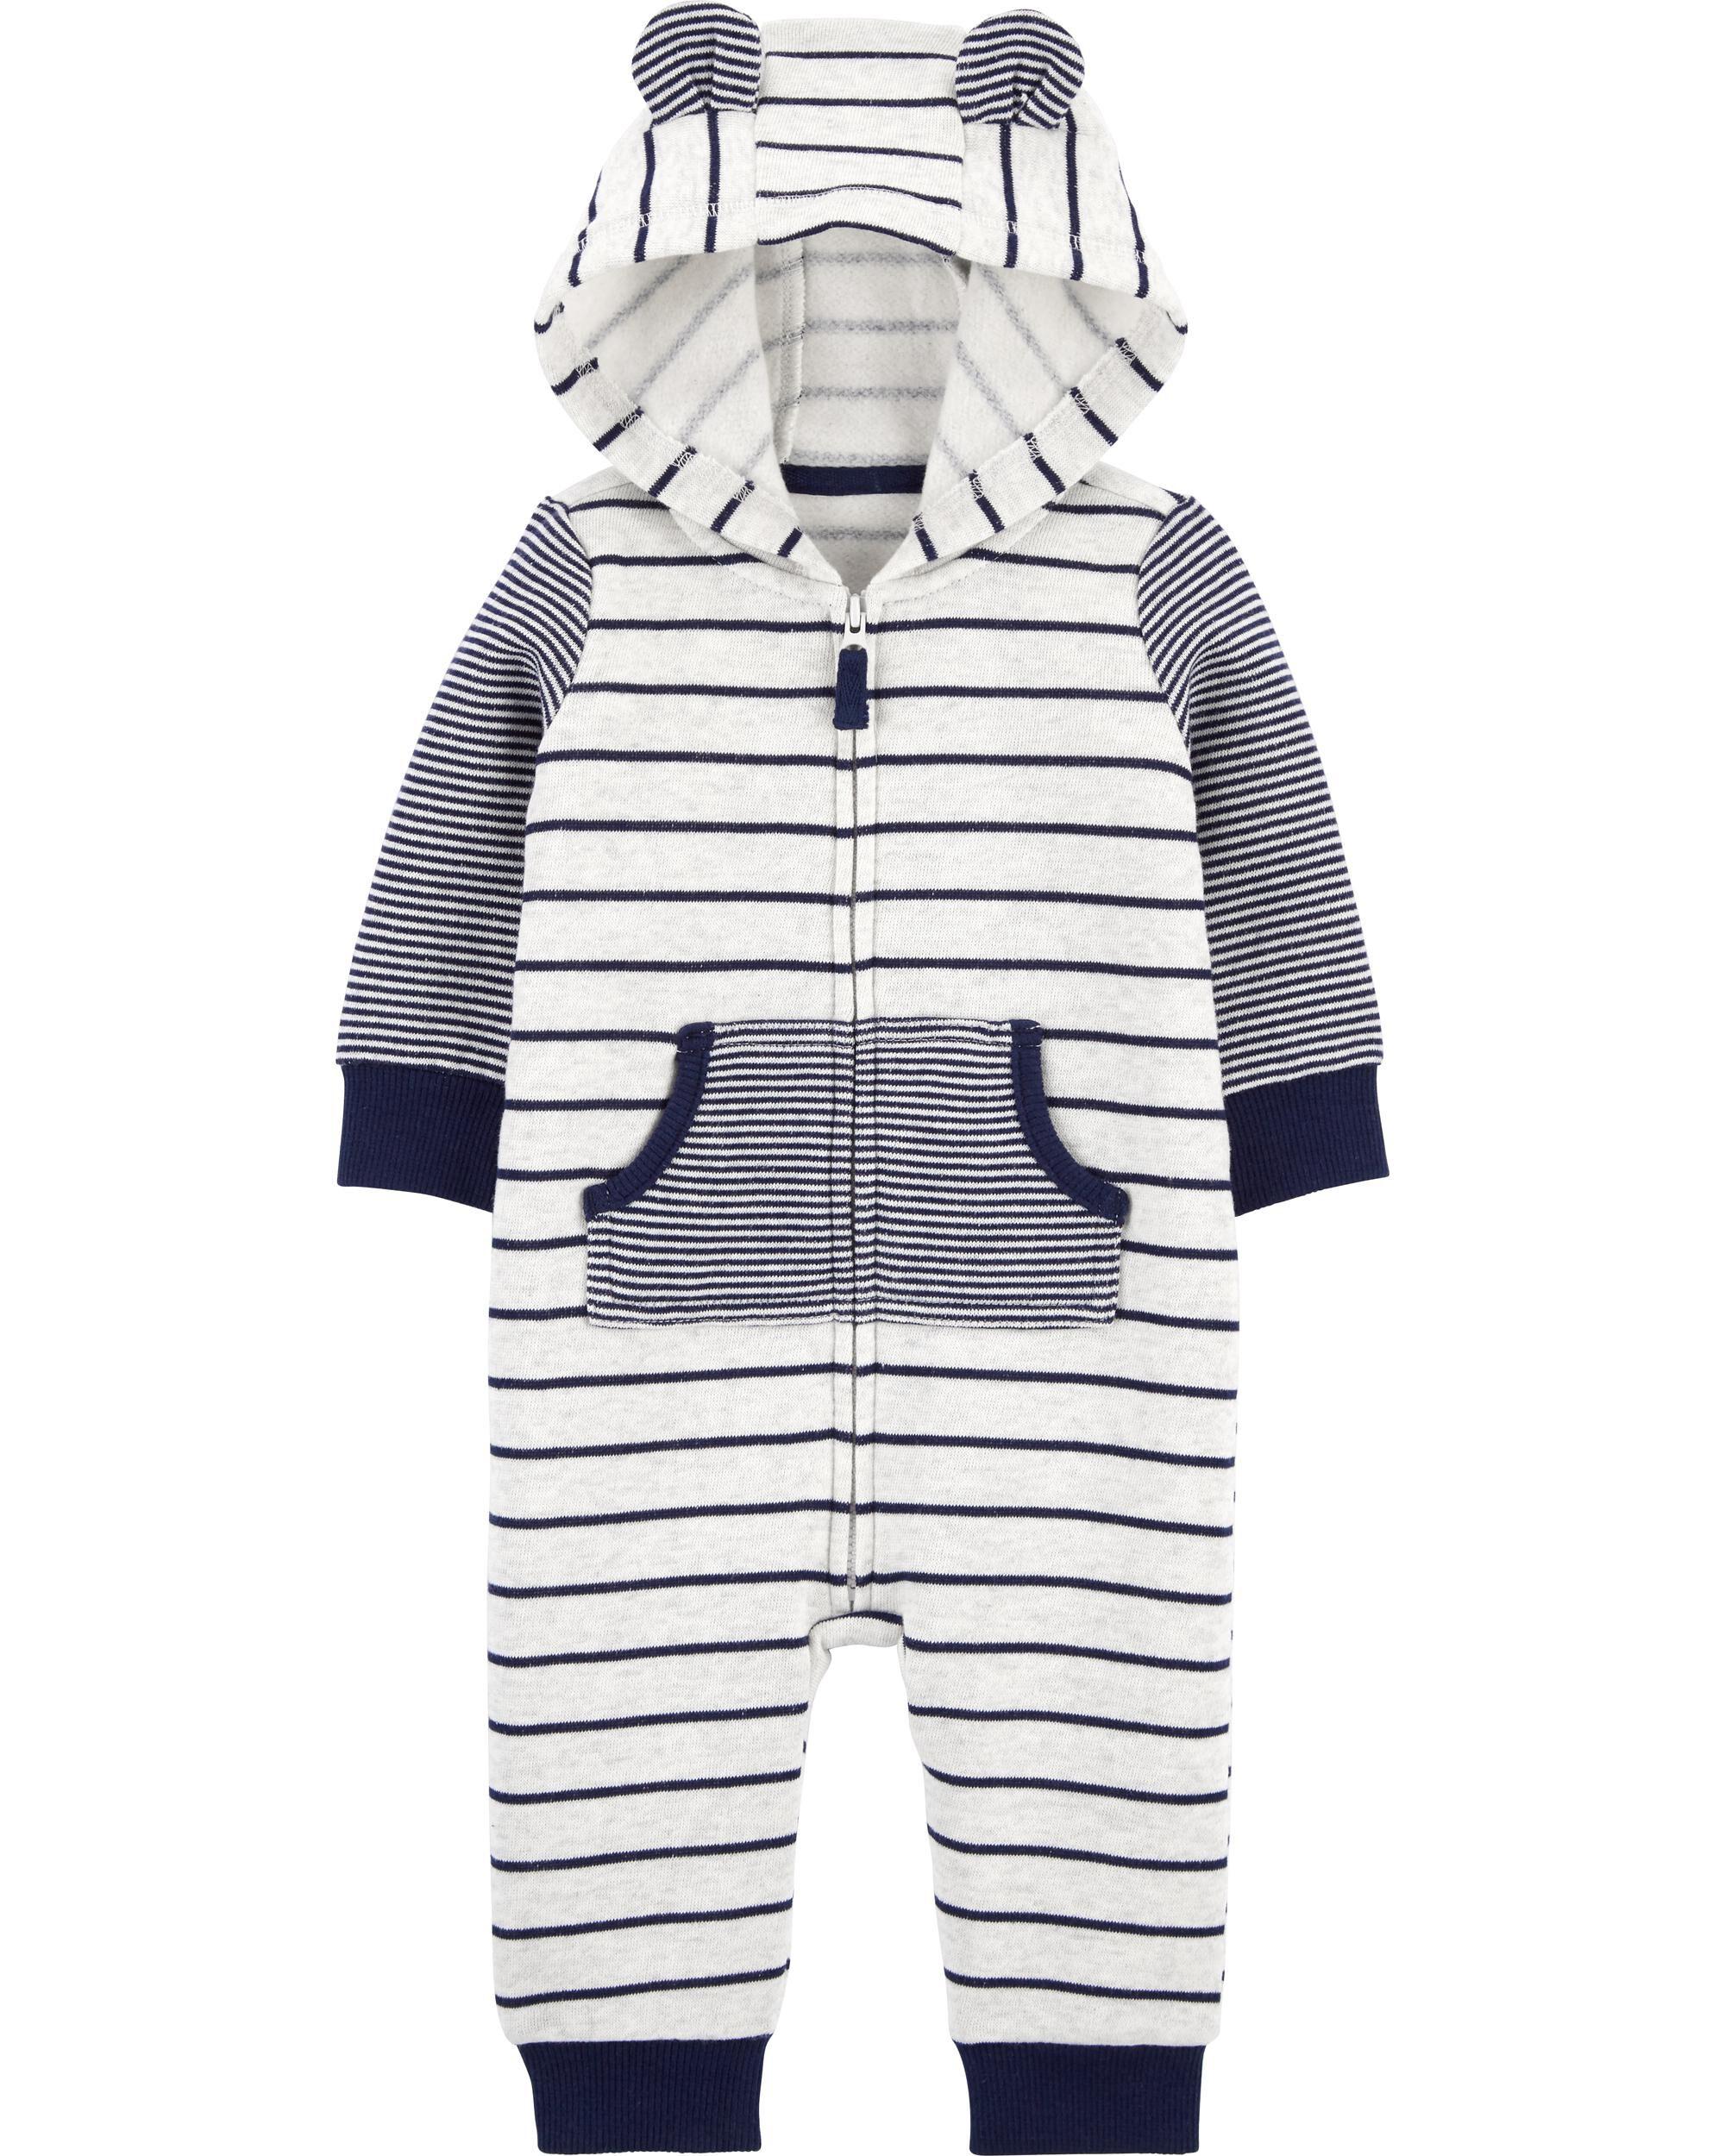 *DOORBUSTER* Striped Zip-Up Fleece Jumpsuit